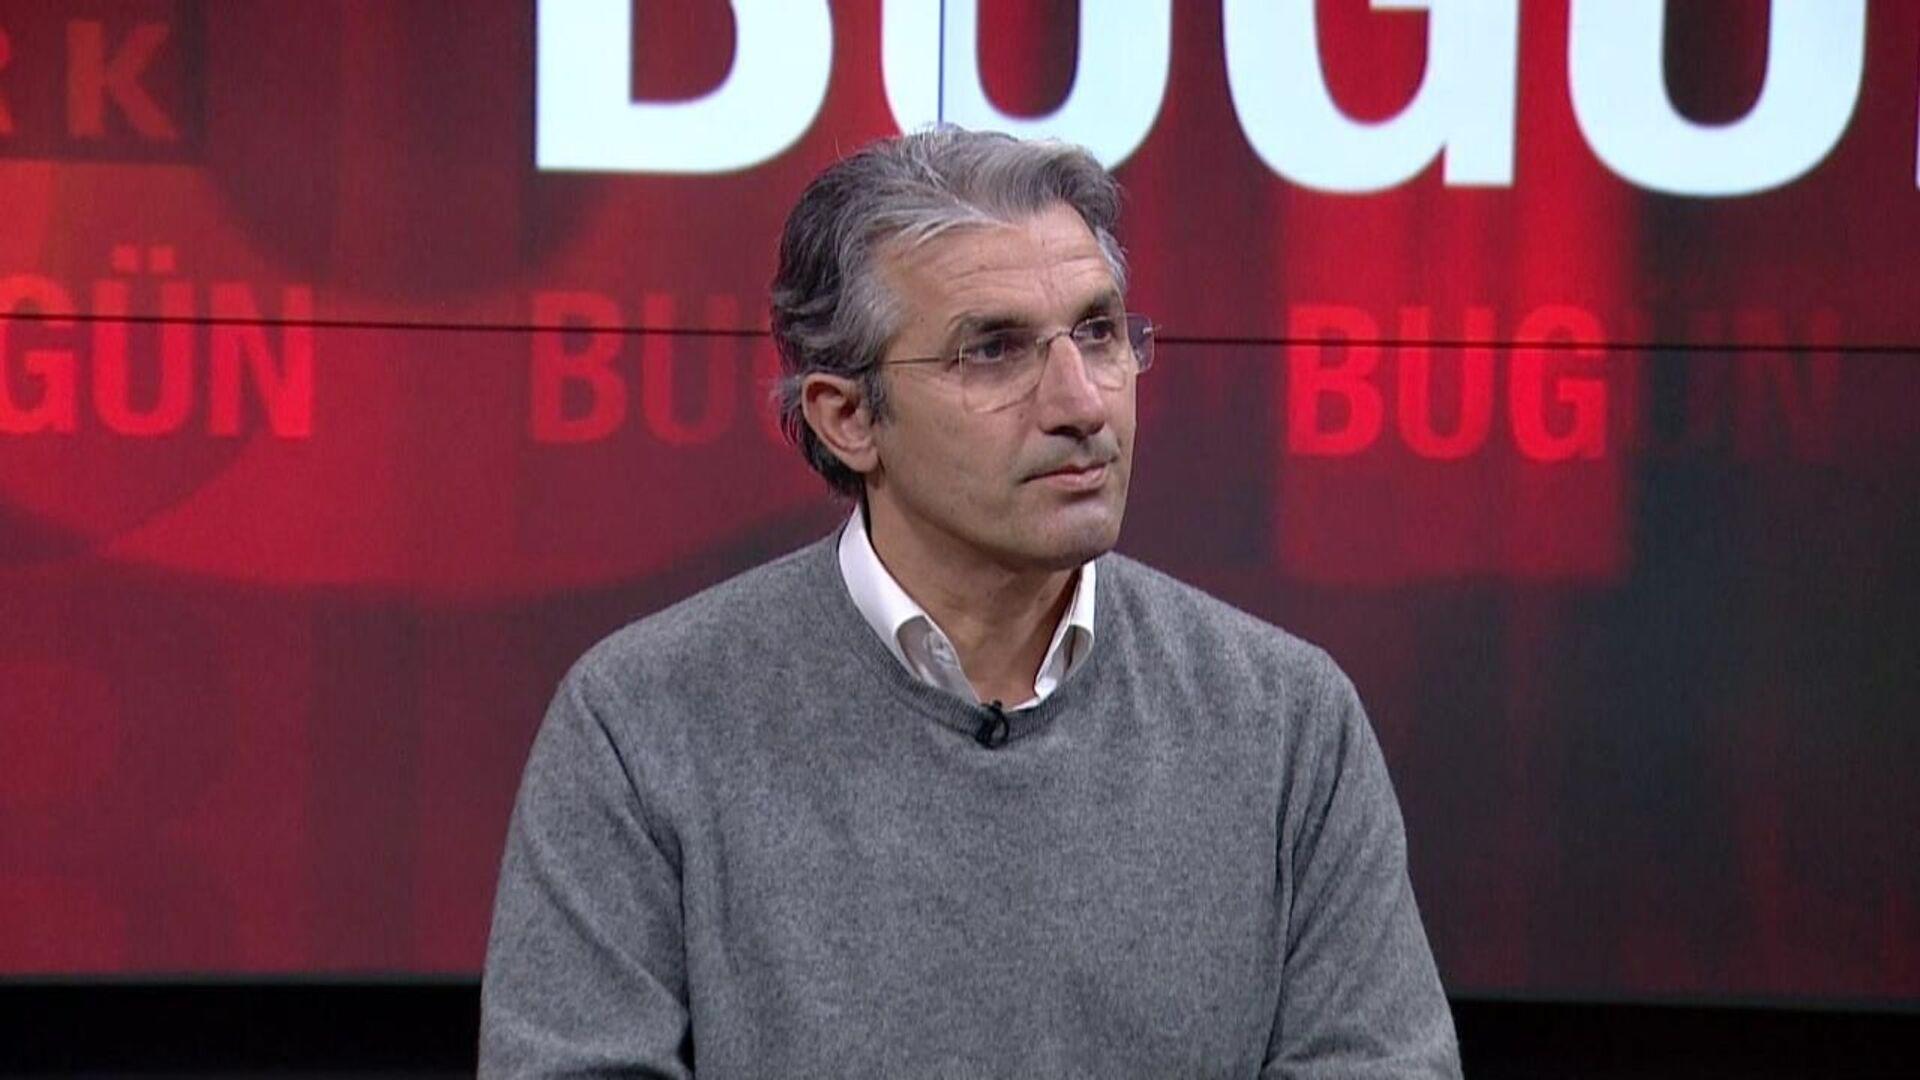 Nedim Şener: FETÖ'cü bot hesapların yüzde 75'i sosyal medyada 'Atatürkçü' kılığına büründü - 13.09.2021, Sputnik Türkiye